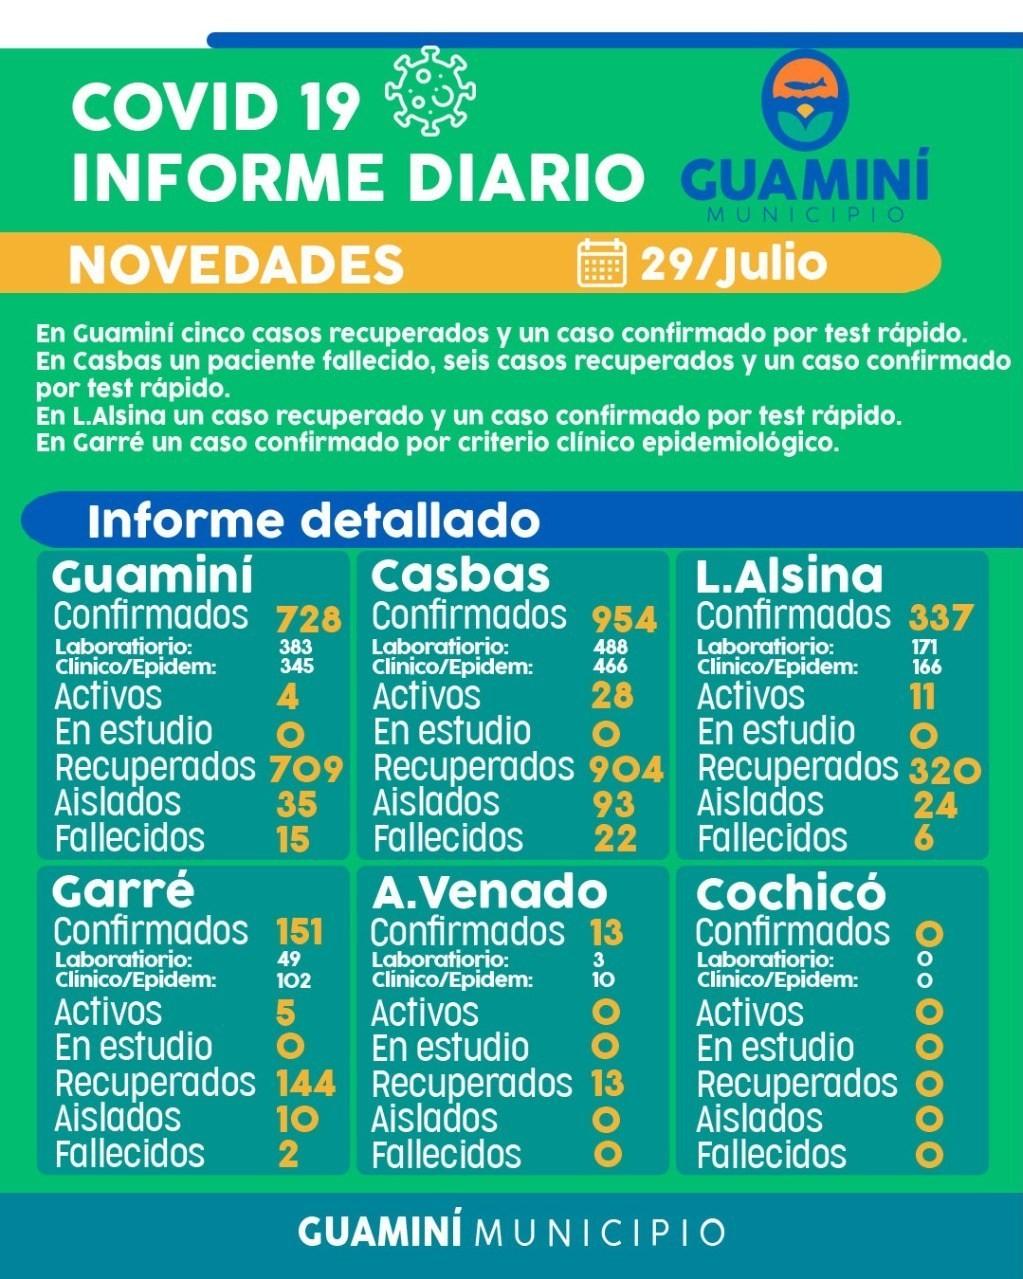 CORONAVIRUS: INFORME DIARIO DE SITUACIÓN A NIVEL LOCAL - 29 DE JULIO -